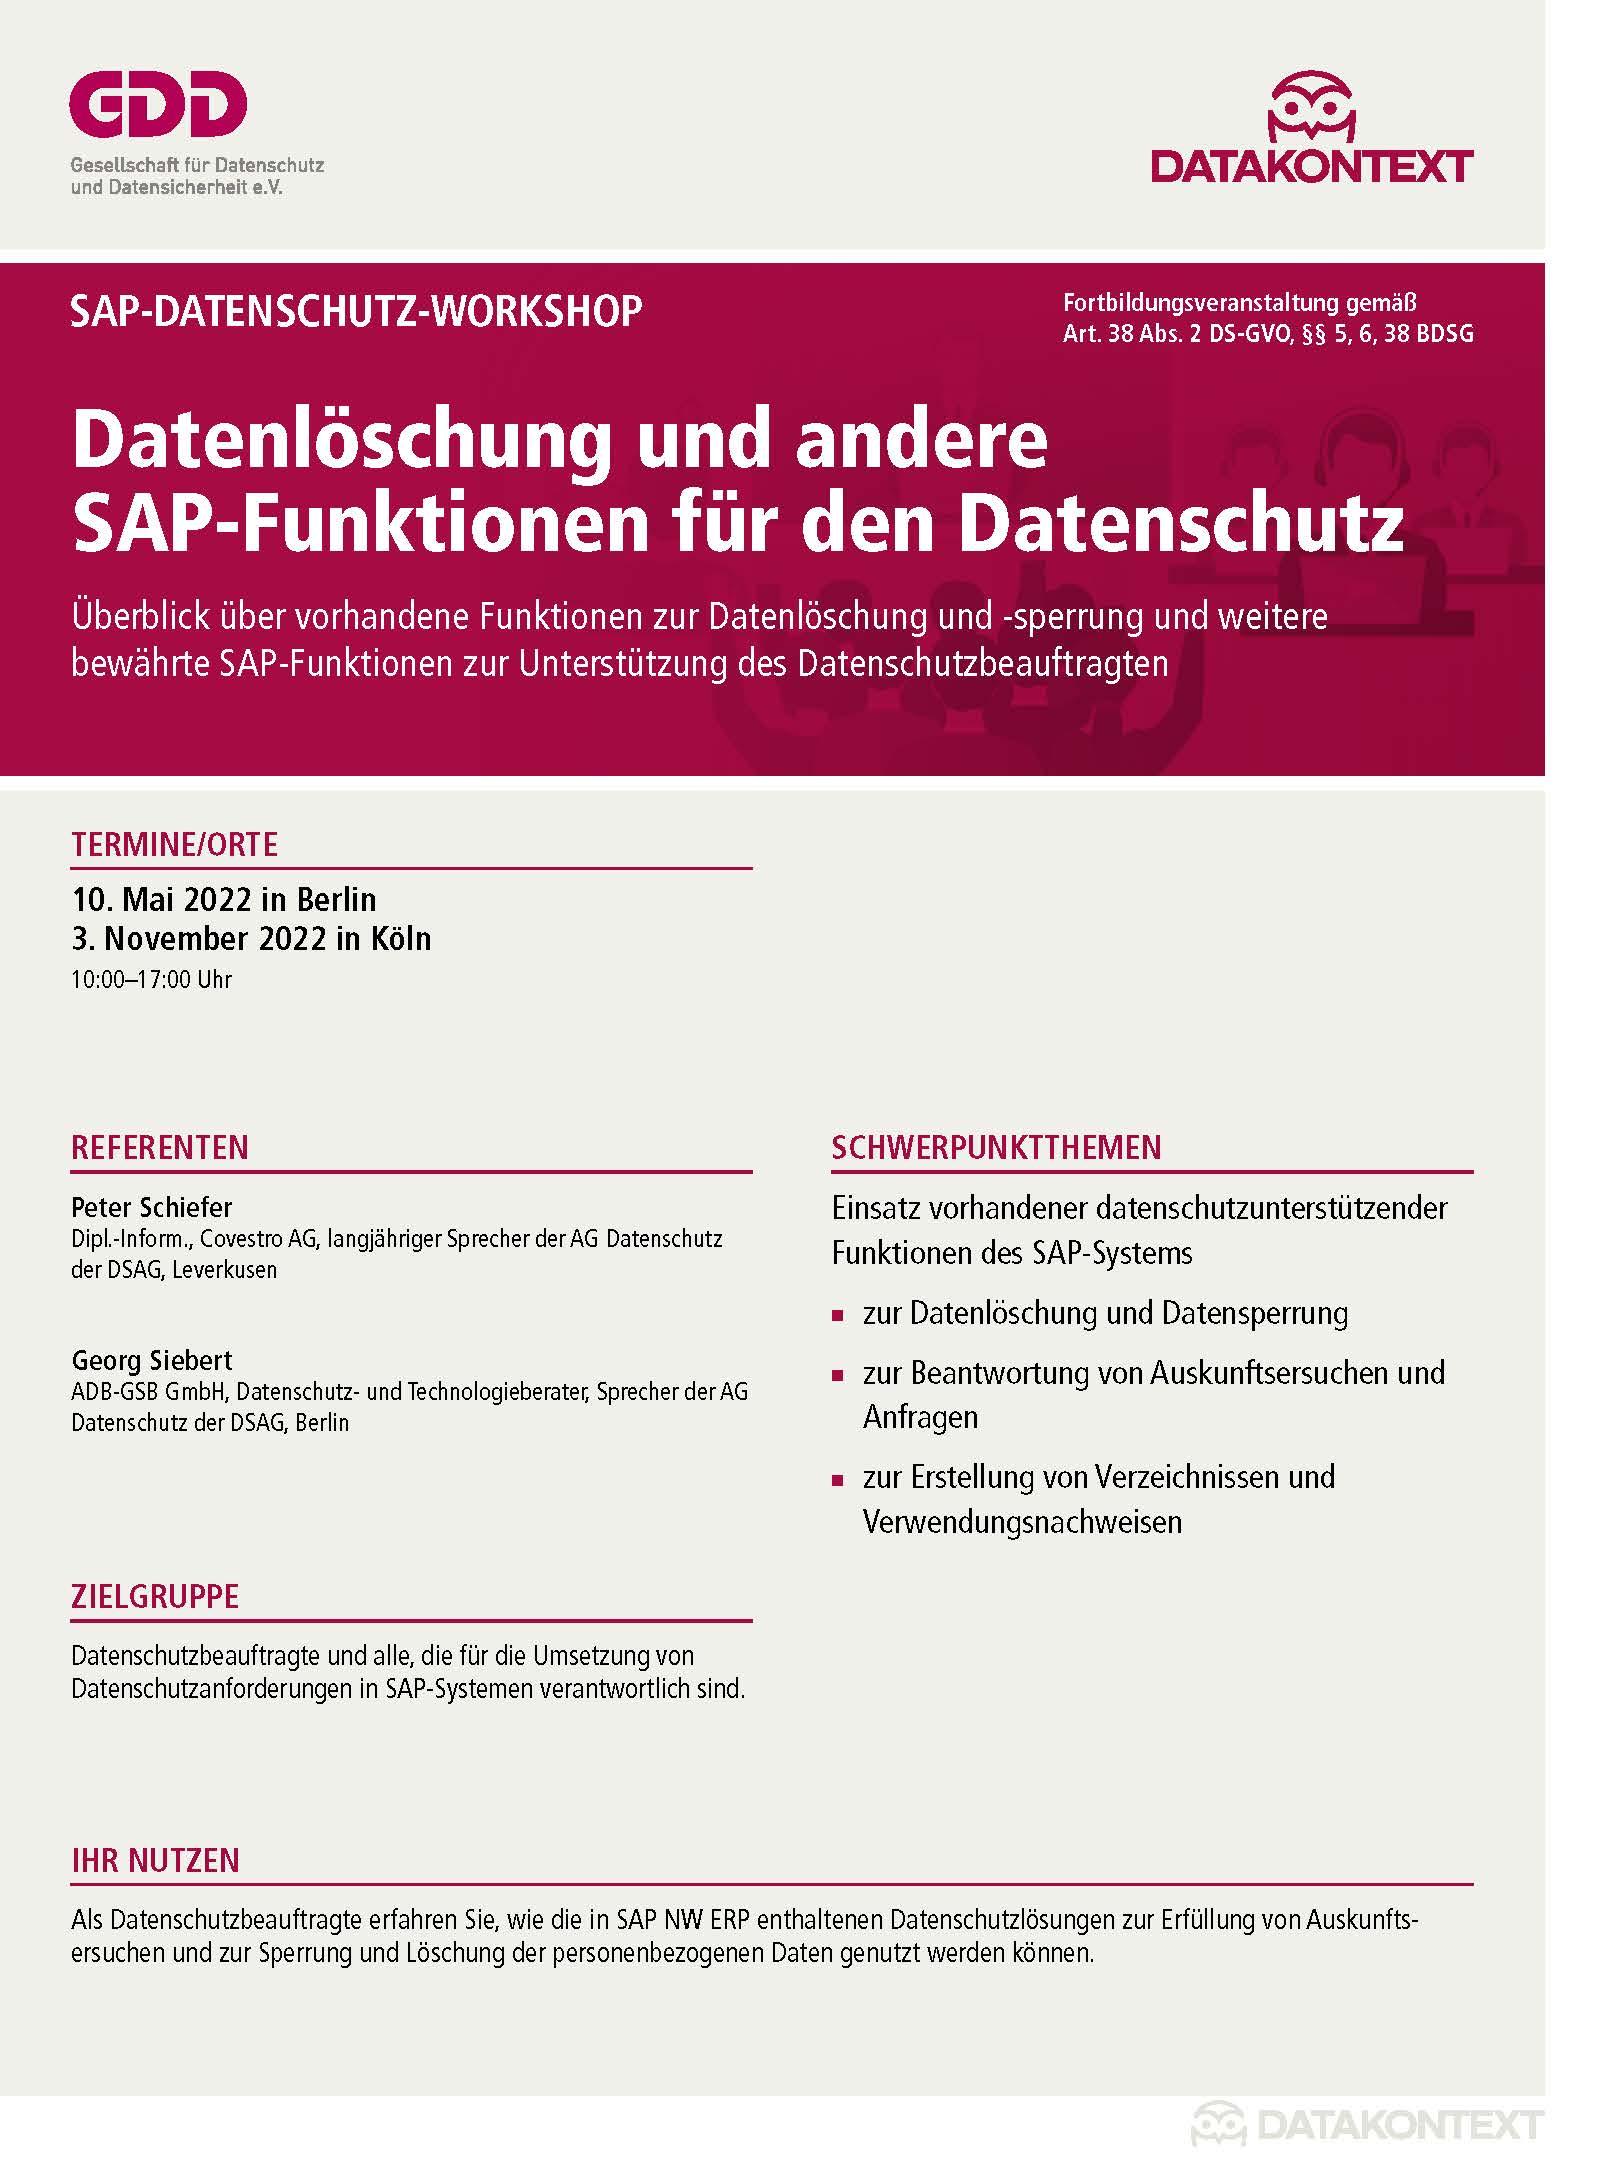 Datenlöschung und andere SAP-Funktionen für den Datenschutz